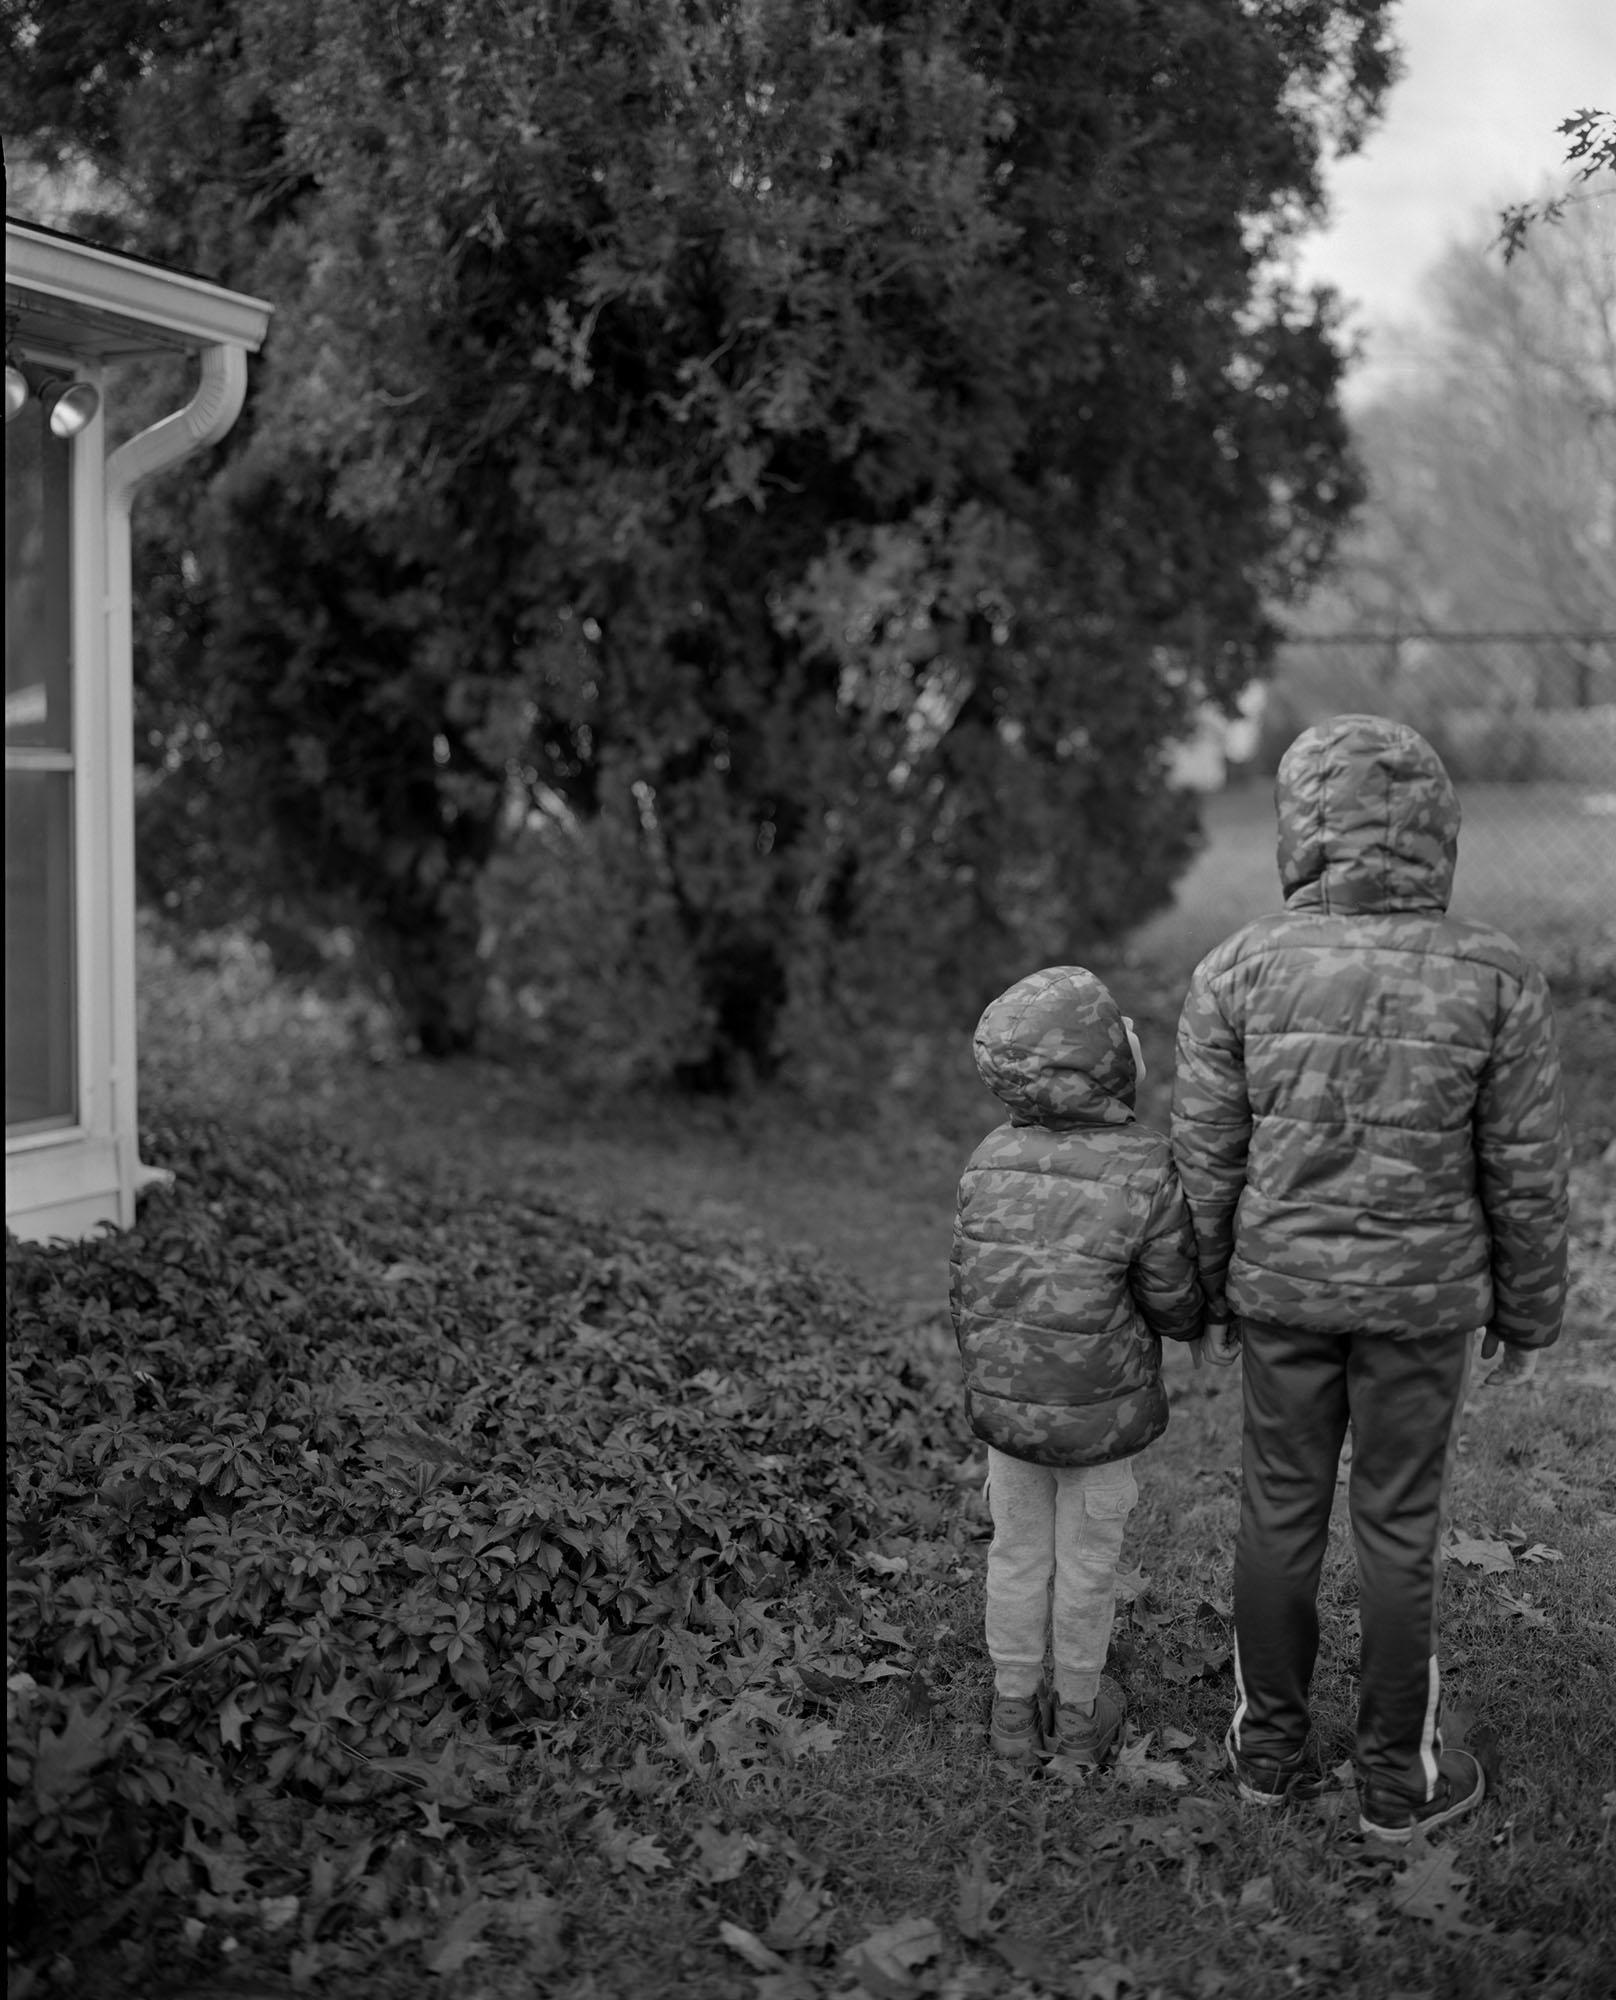 Untitled - 2018, © Amanda Tinker